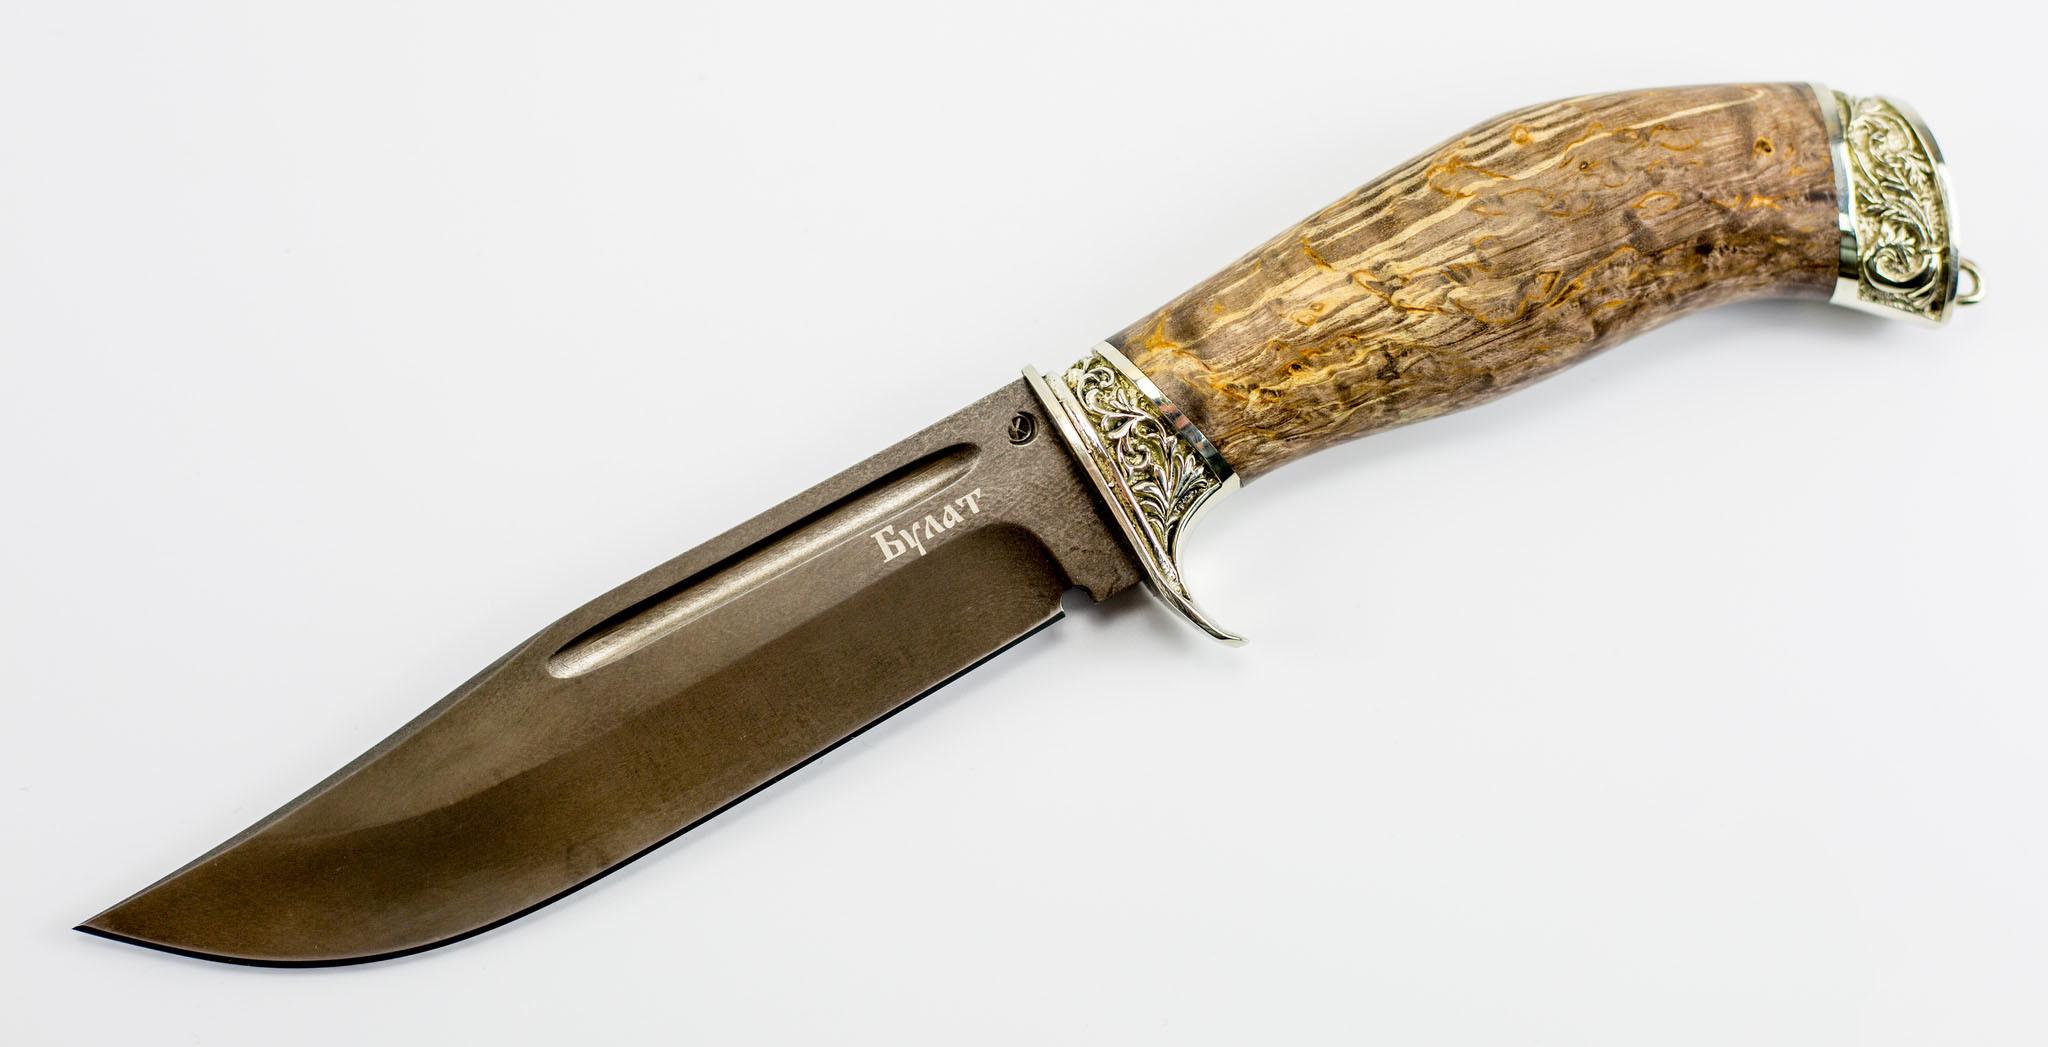 Нож Сайга, сталь булат, художественное литье, рукоять карельская береза